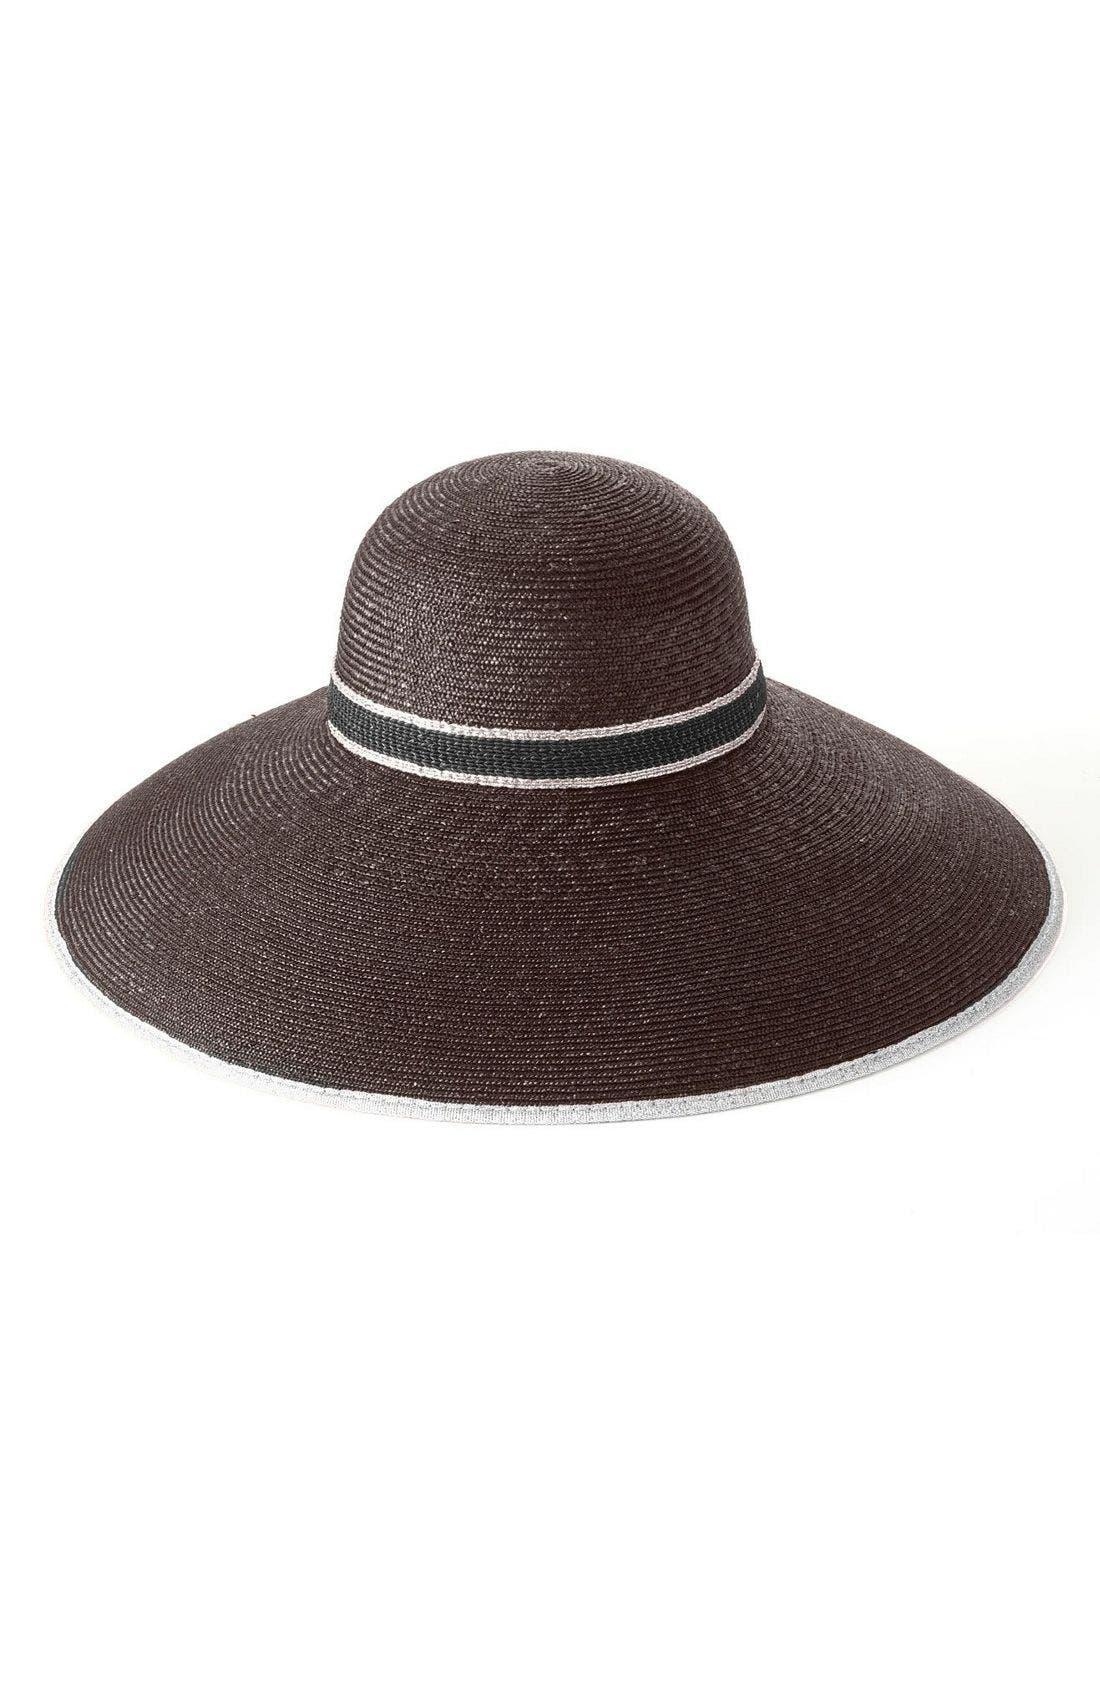 Main Image - Nordstrom 'Drama' Metallic Trim Straw Hat